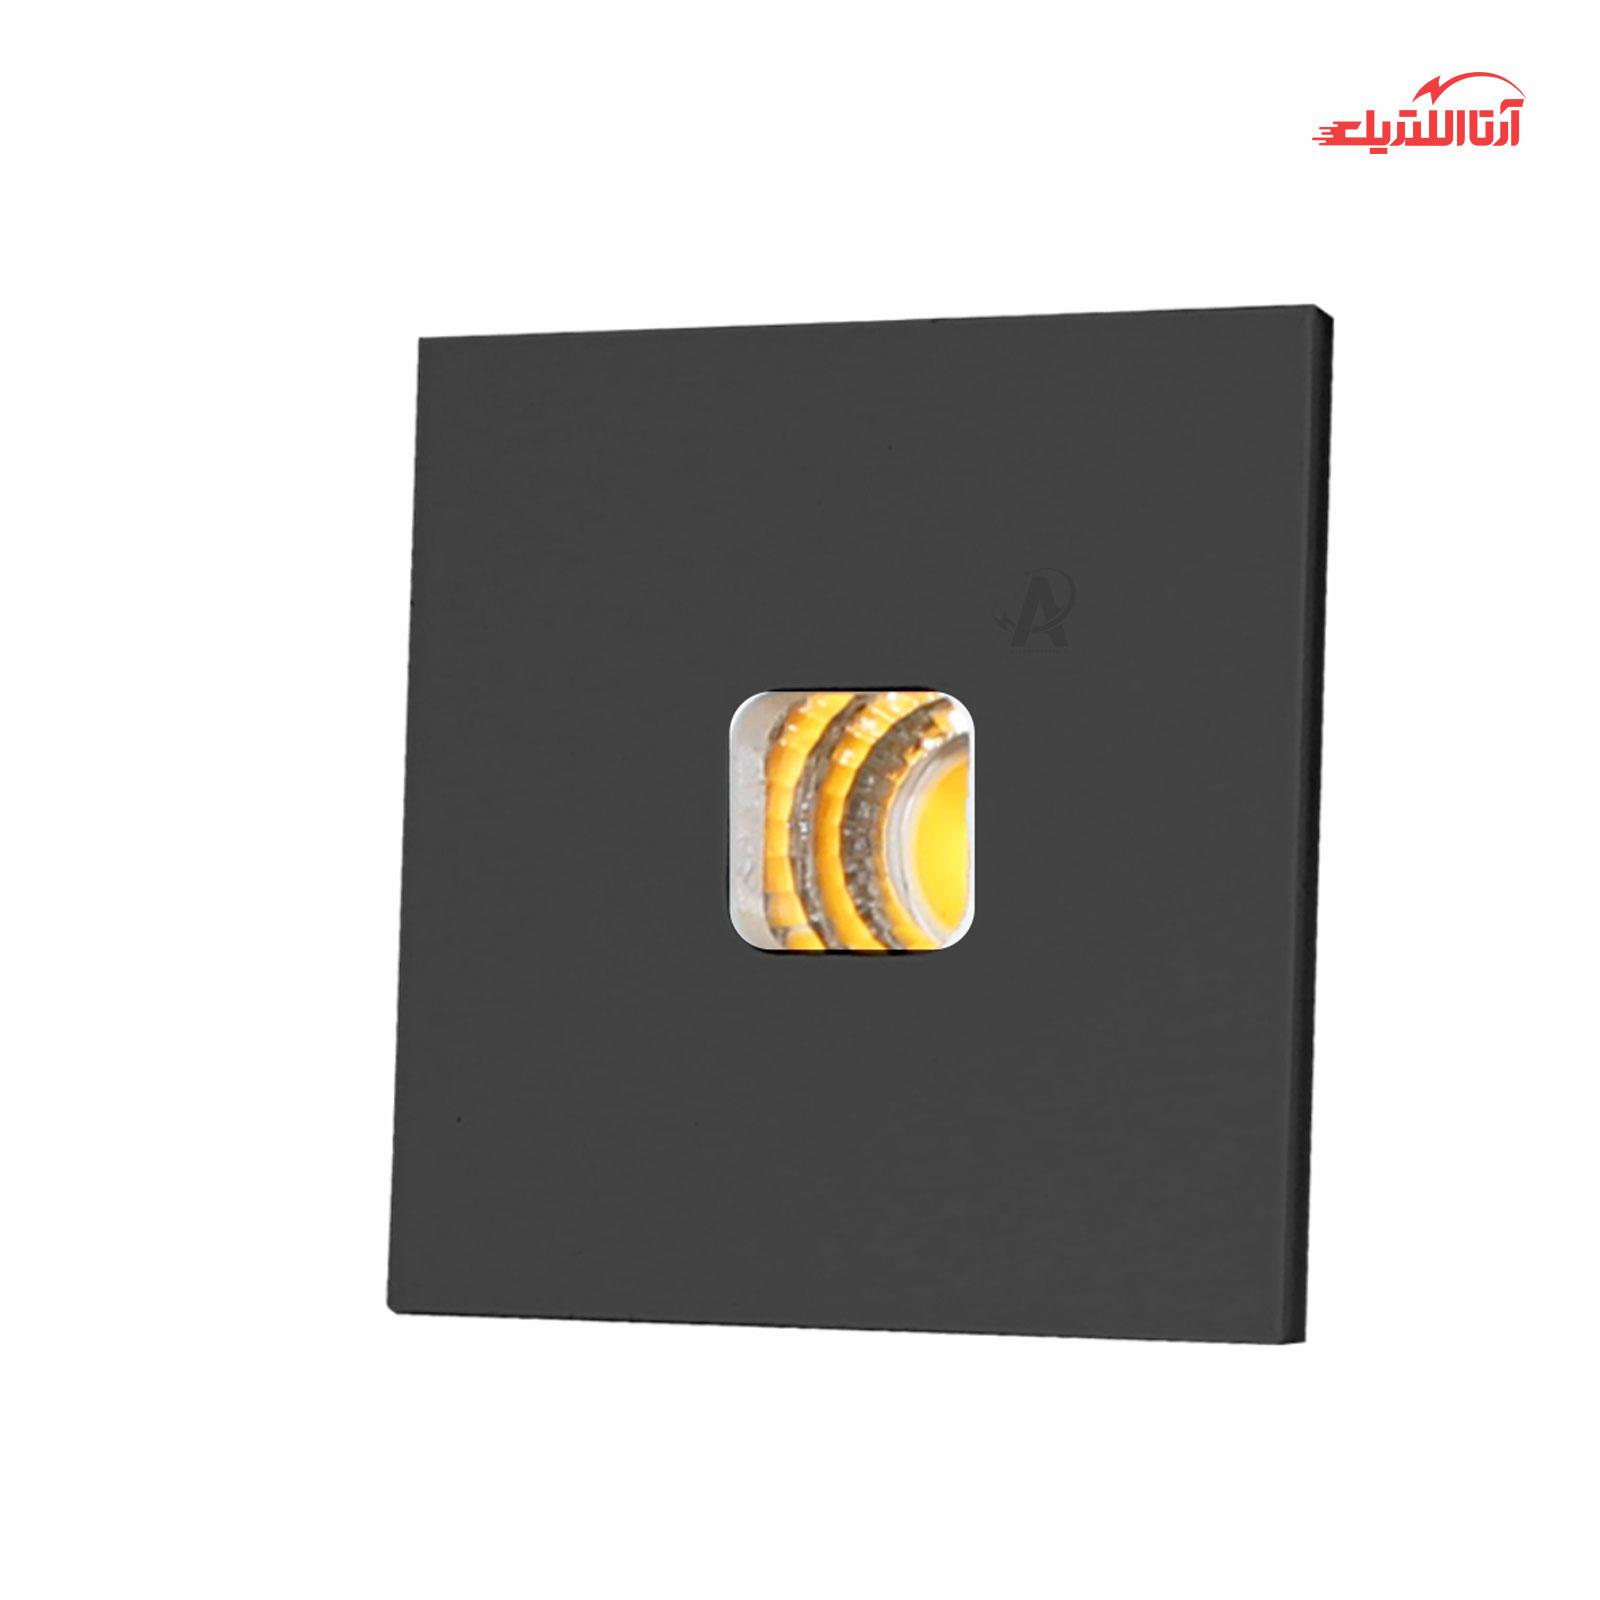 چراغ توکار مینی مربعی 3 وات فاین الکتریک مدل FEC-COB-04